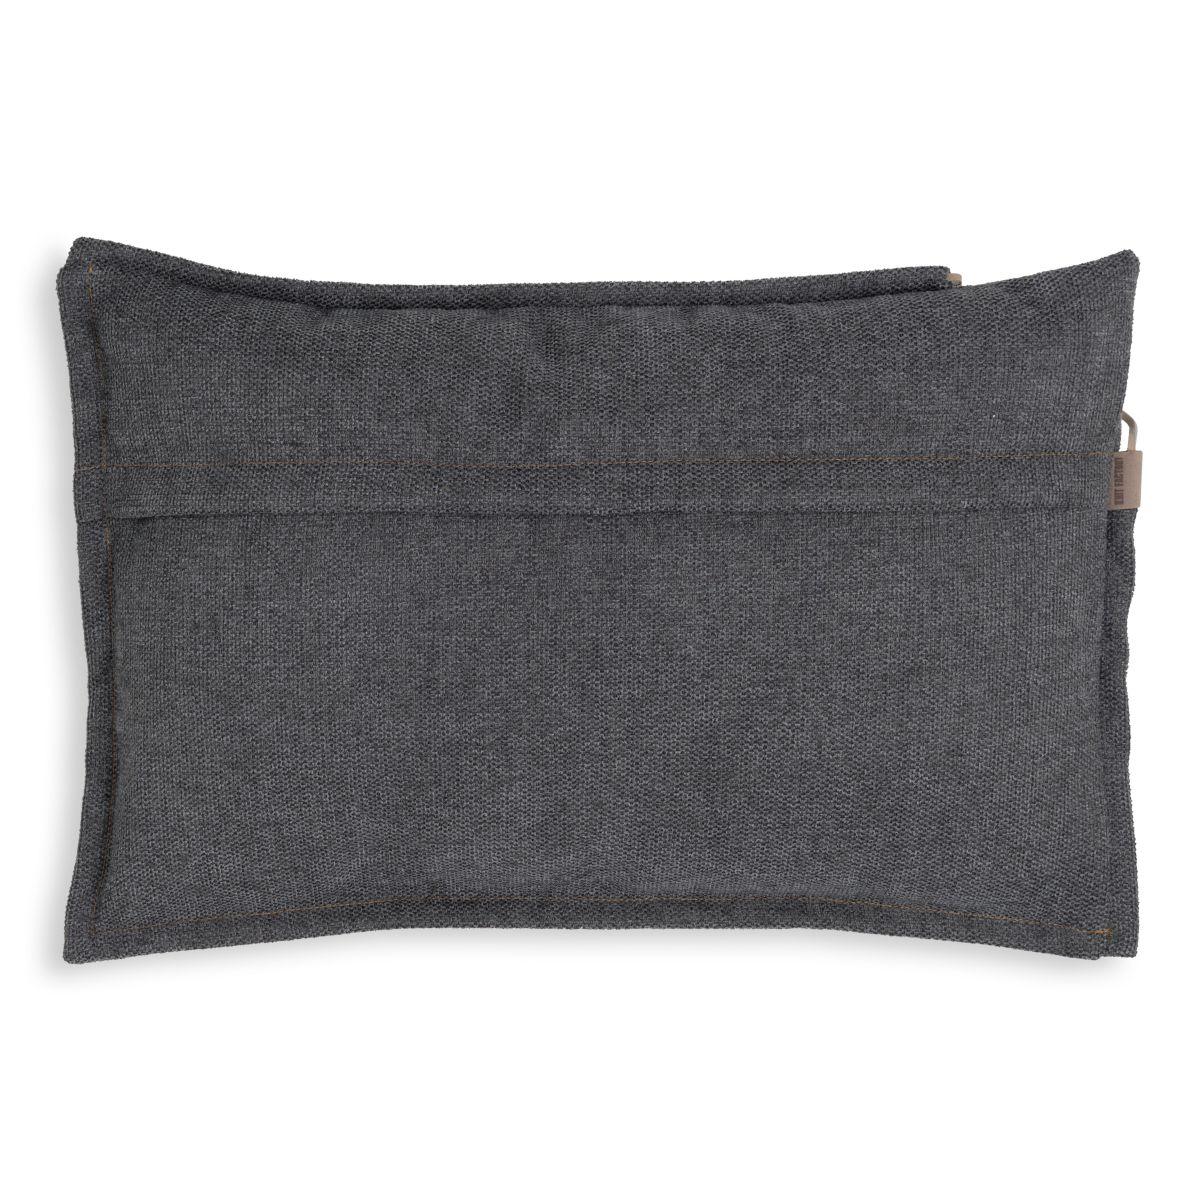 knit factory kf153013010 imre kussen antraciet 60x40 2